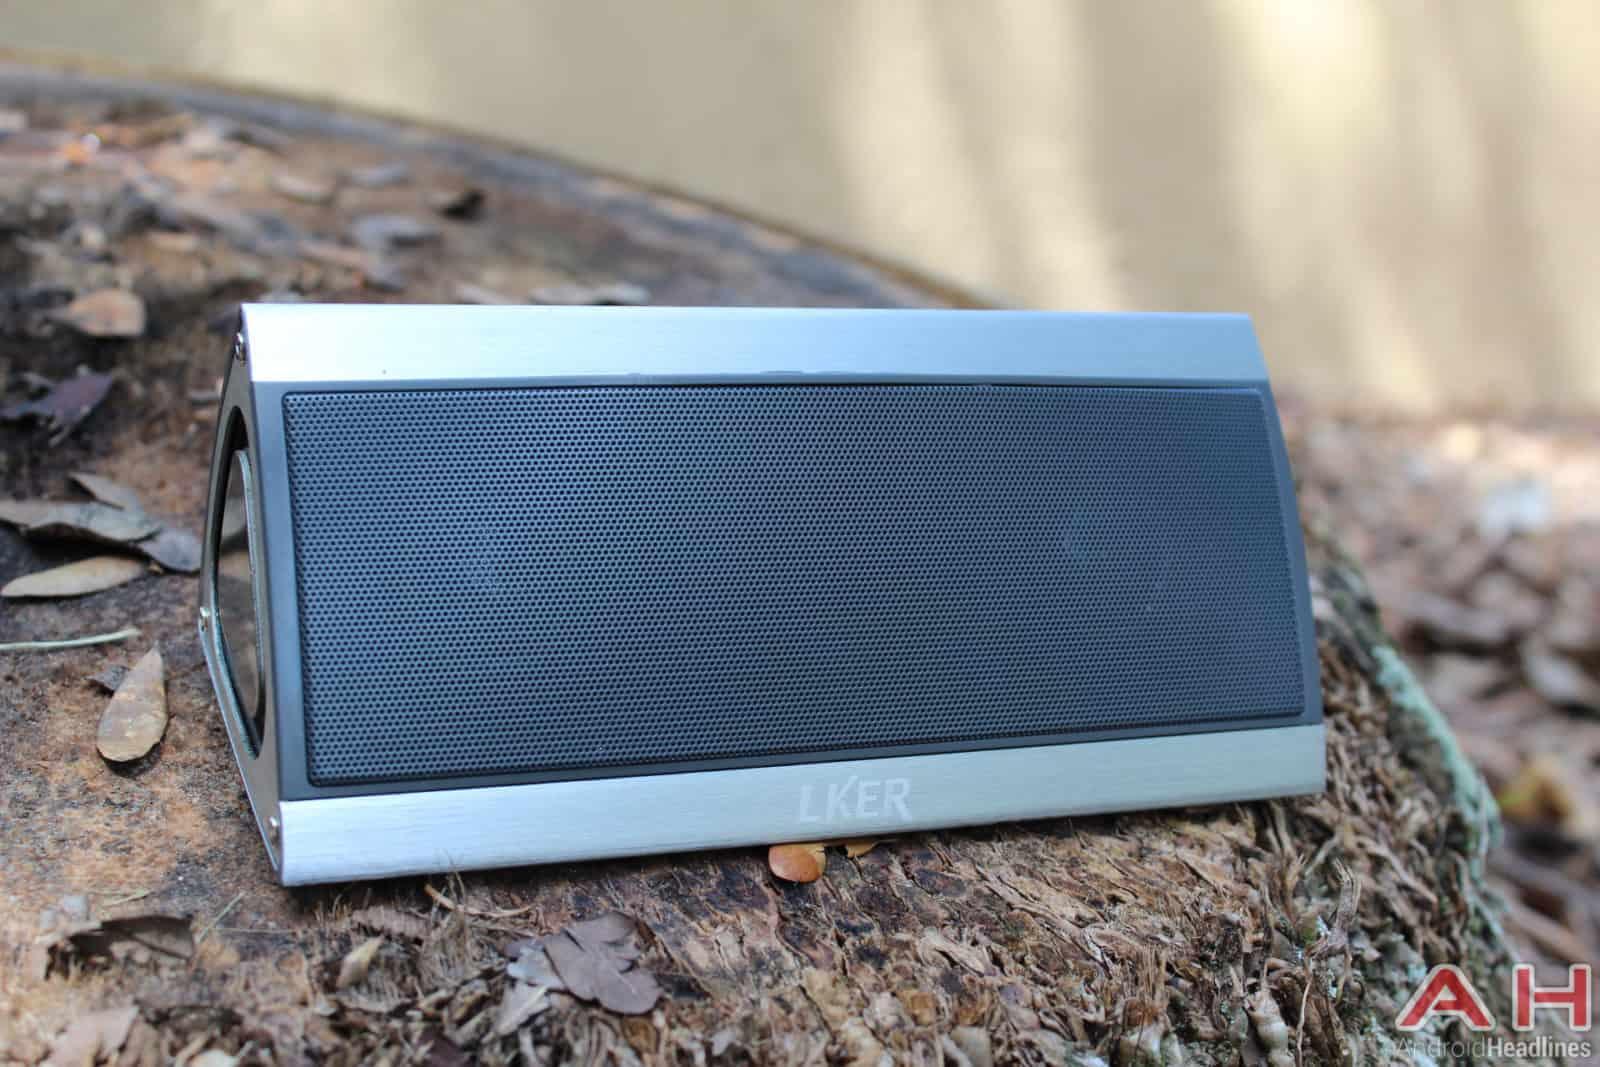 LKER-King-Bluetooth-Speaker-AH-1